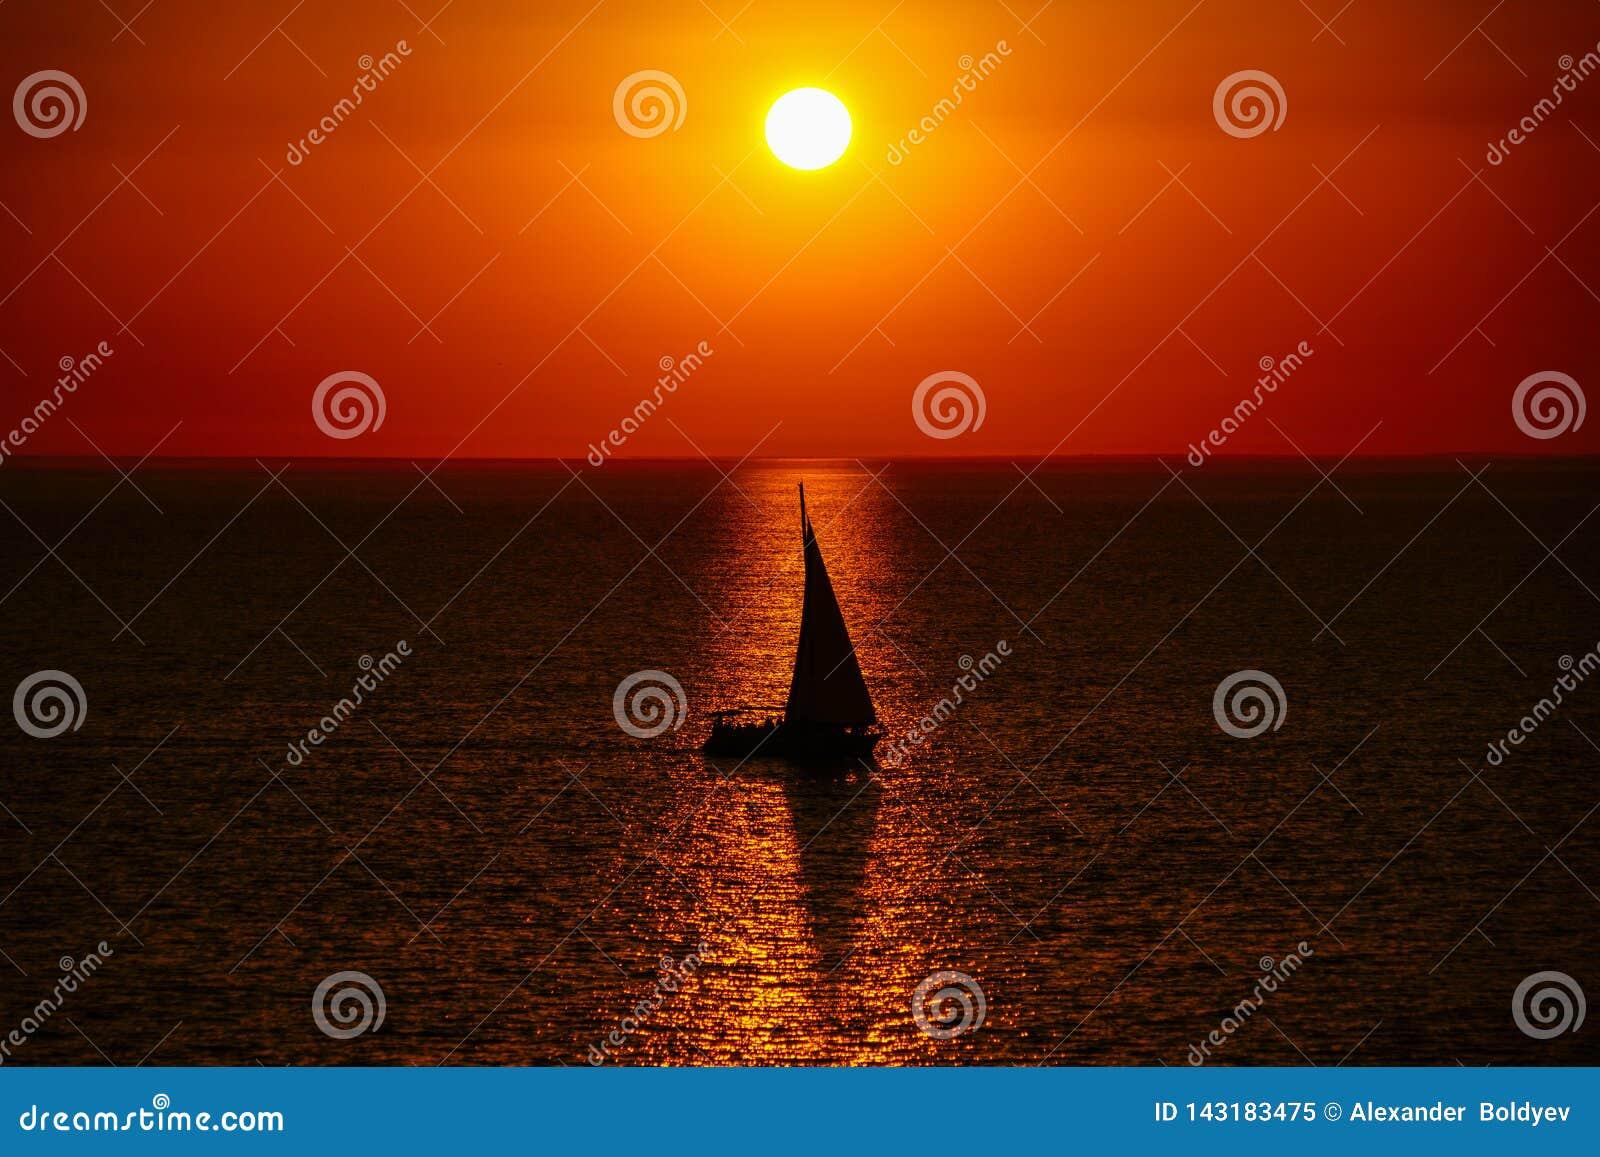 Varend jacht in de zonsondergang, de schaduw van de zeilboot op de achtergrond van de Gouden zonsondergang en bezinning in